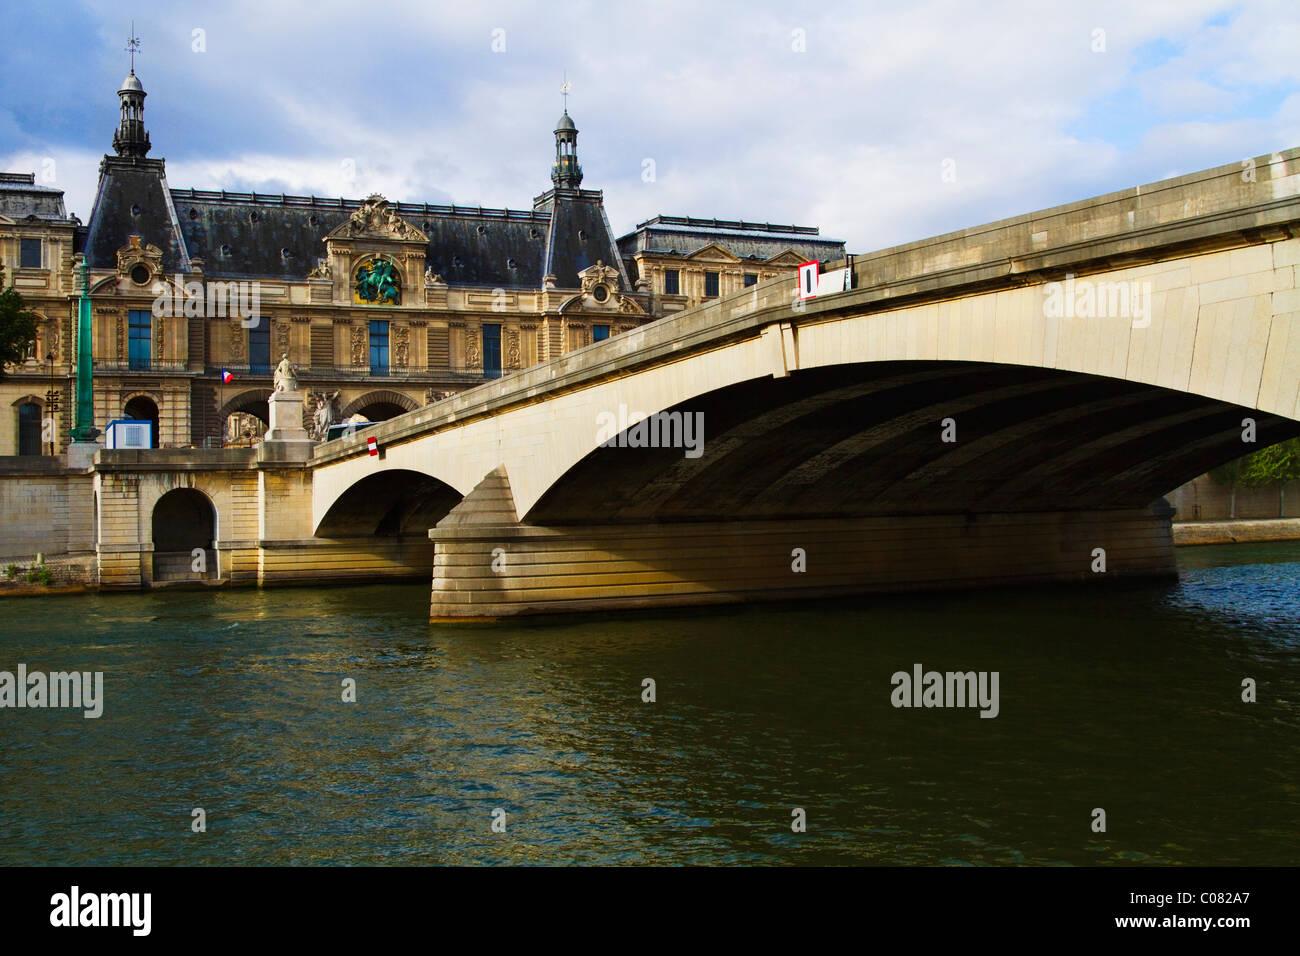 Bogenbrücke über den Fluss mit einem Palast, Palais du Luxembourg, Seineufer, Paris, Frankreich Stockbild